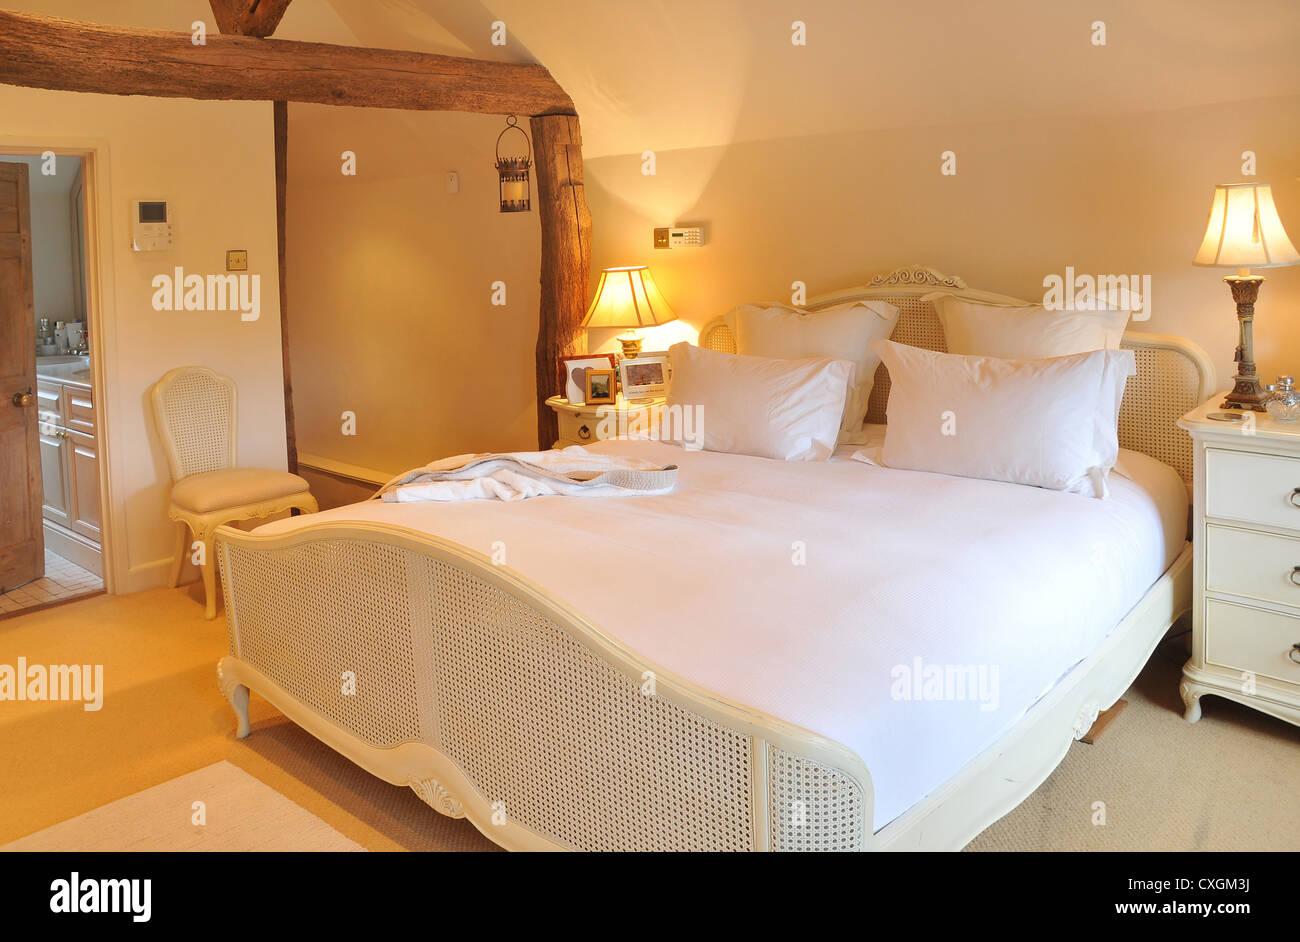 L'intérieur conçu chambres d'un cottage anglais avec lit double, tables de chevet, lampes, chaises Photo Stock